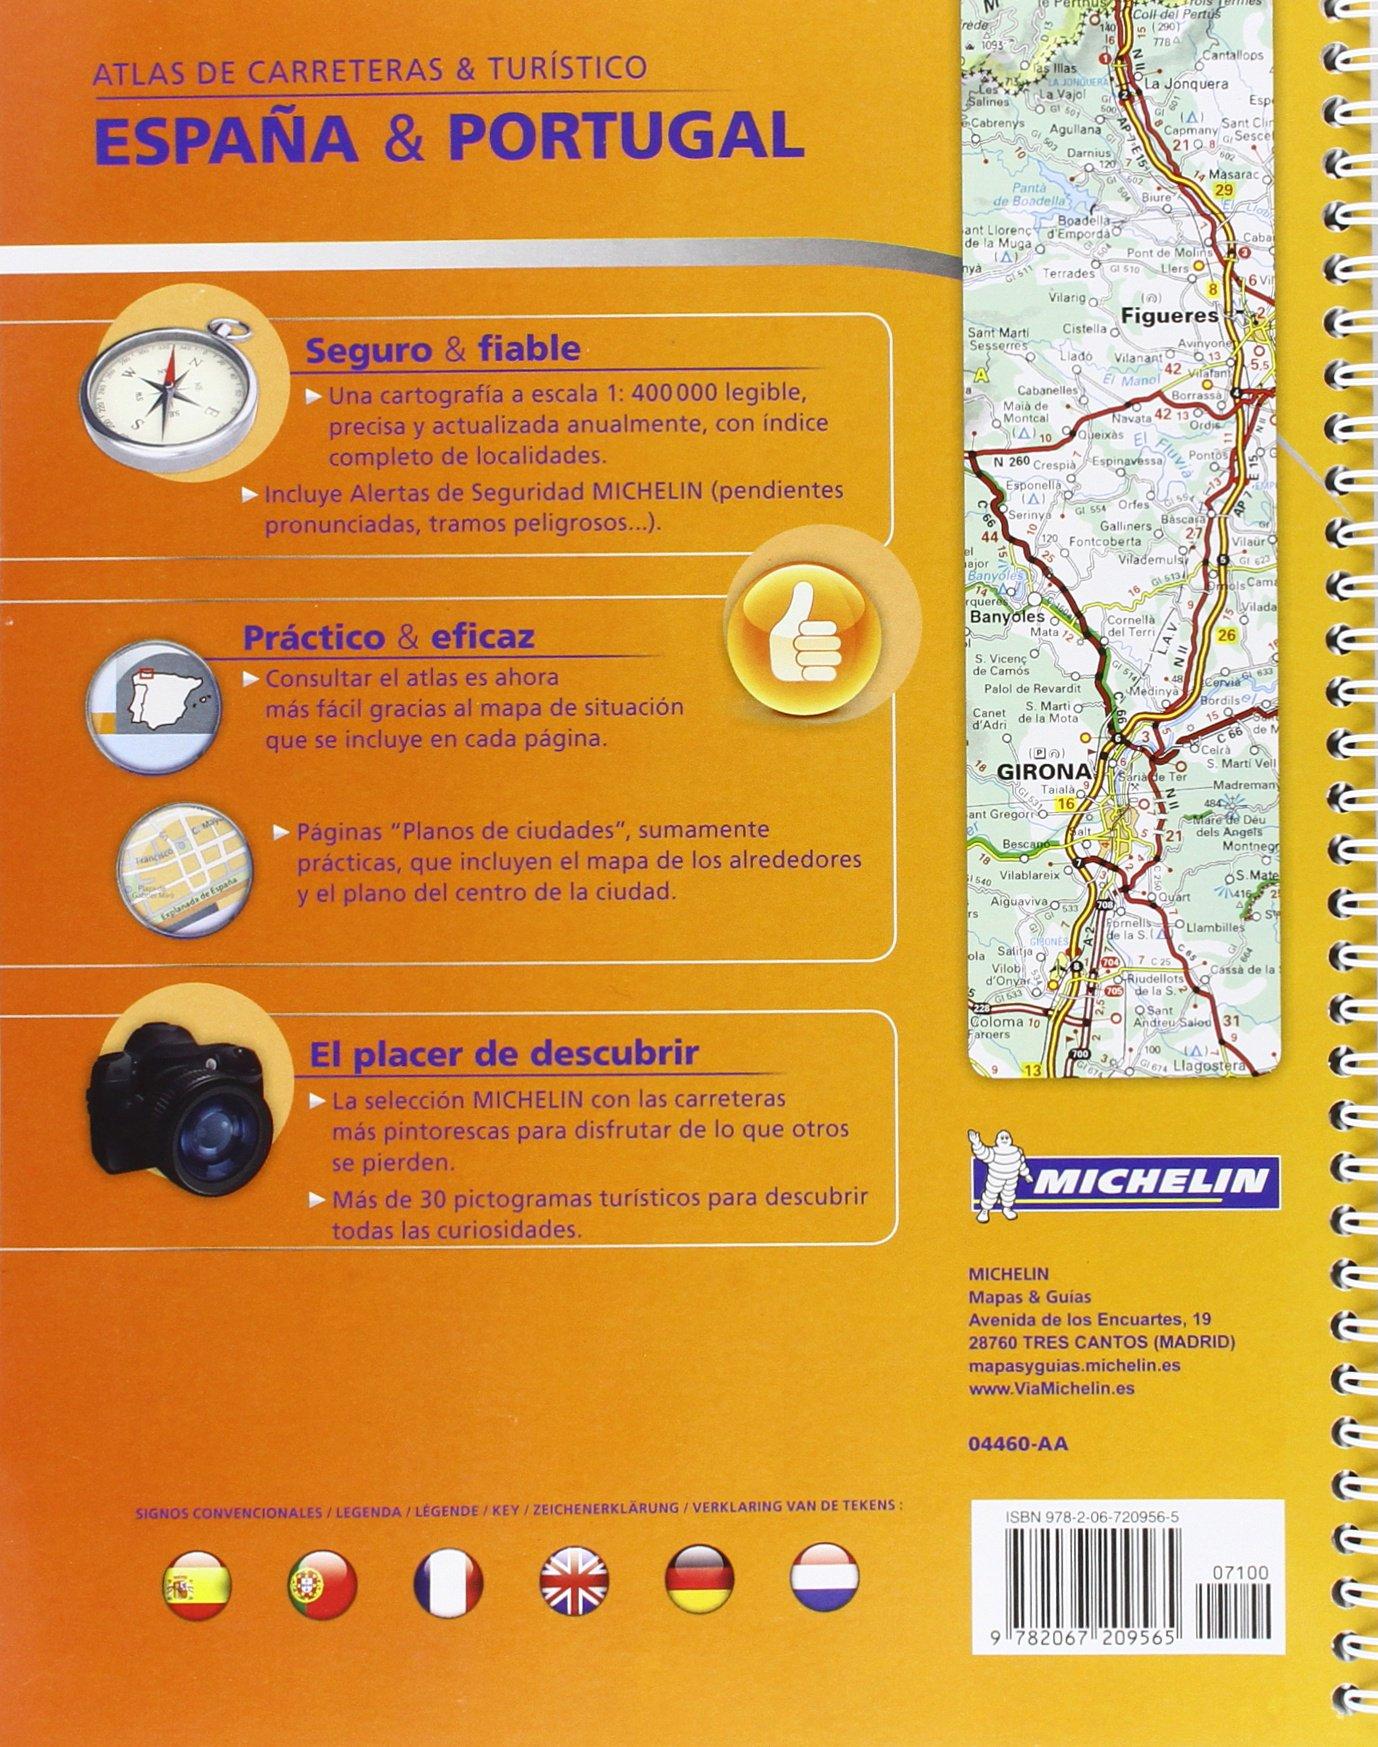 Atlas de carreteras y turístico España & Portugal formato A-4 Atlas de carreteras Michelin: Amazon.es: Vv.Aa, Vv.Aa: Libros